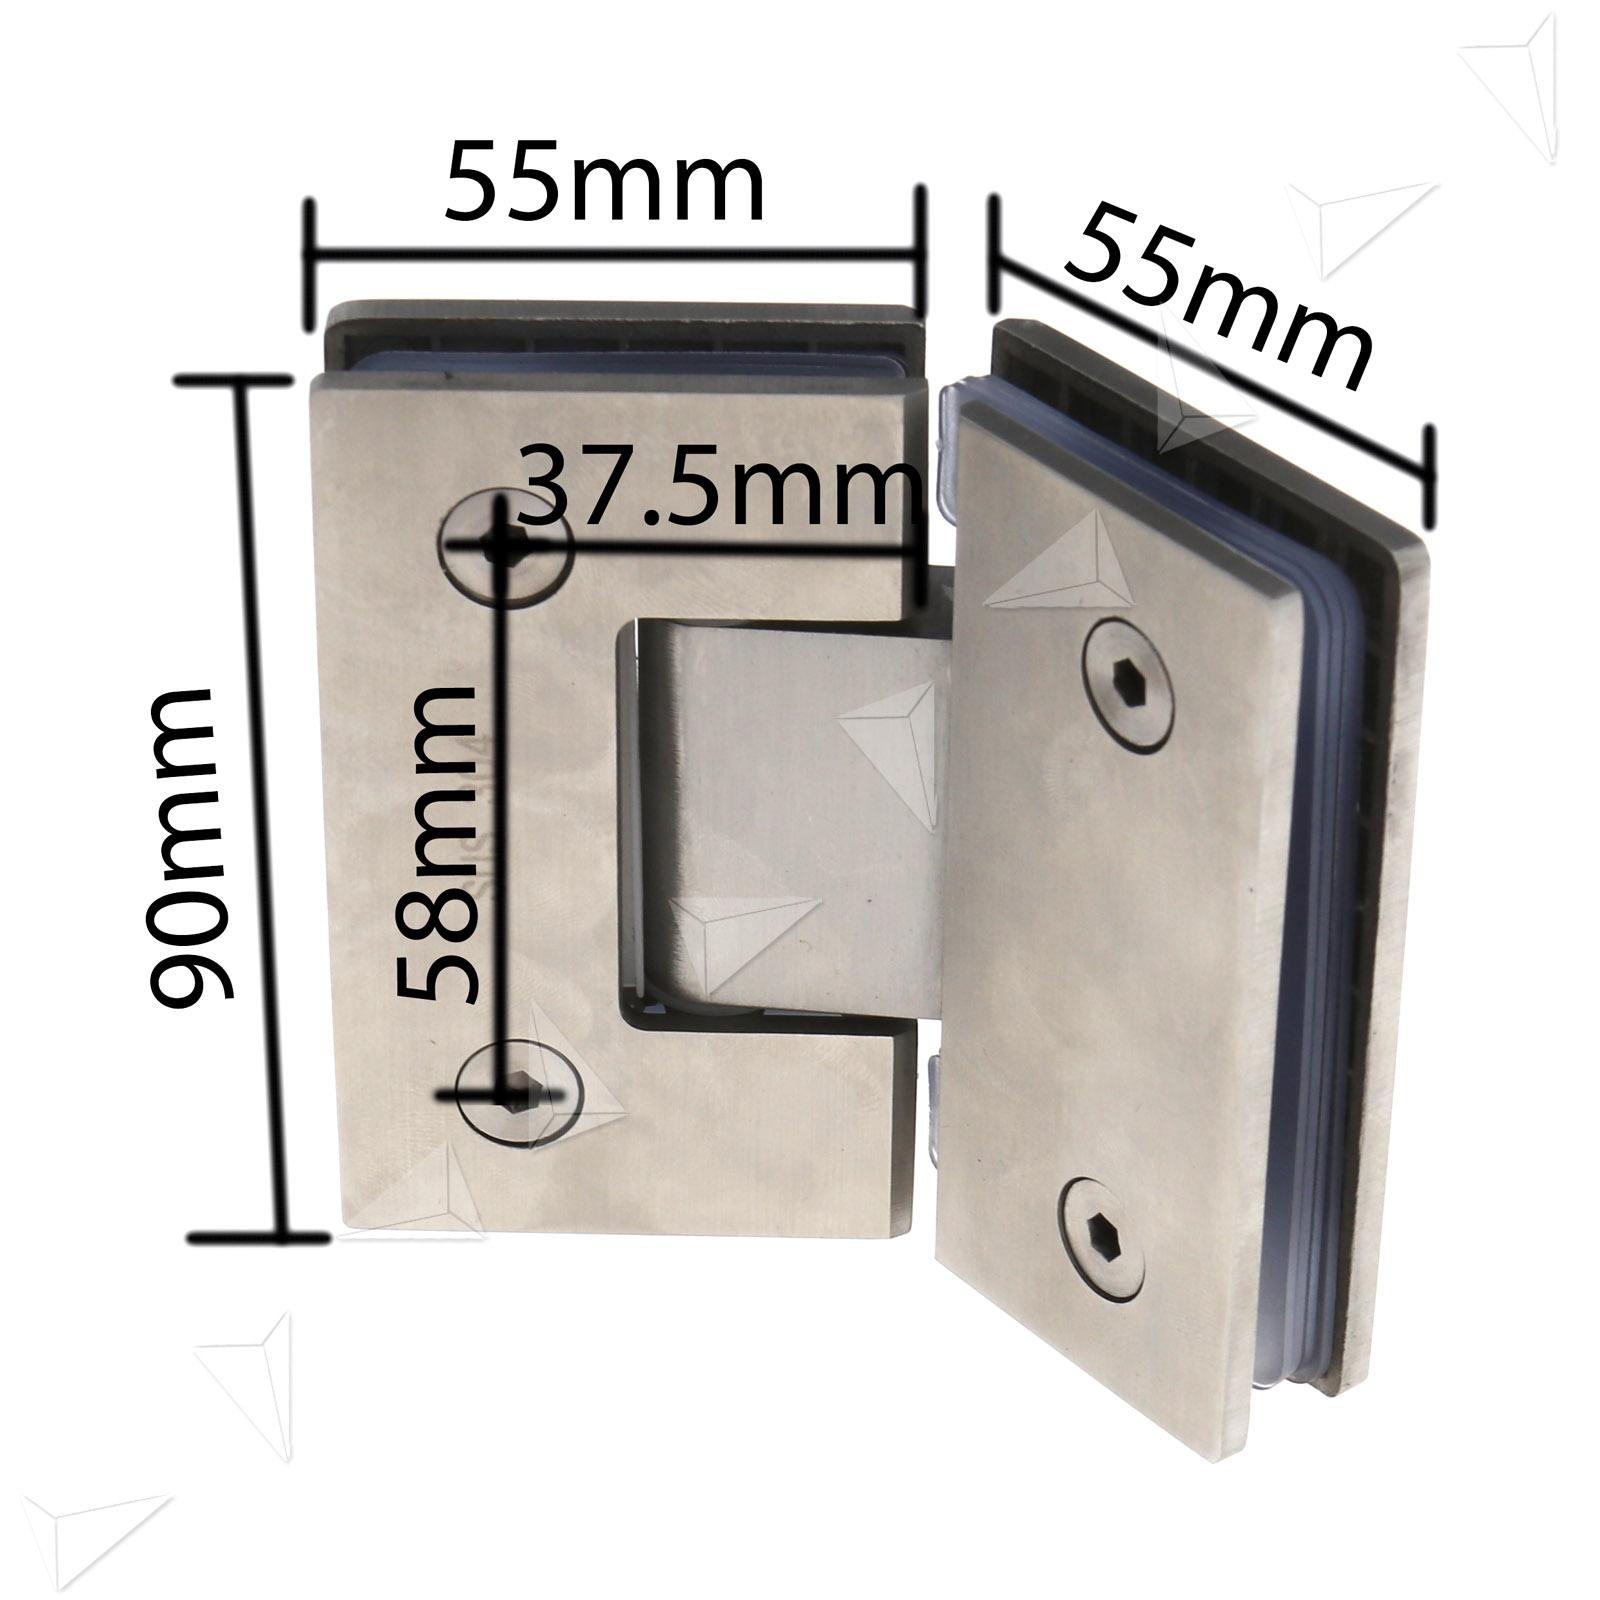 304 Stainless Steel Frameless Glass to Shower Door Hinge Chrome ...